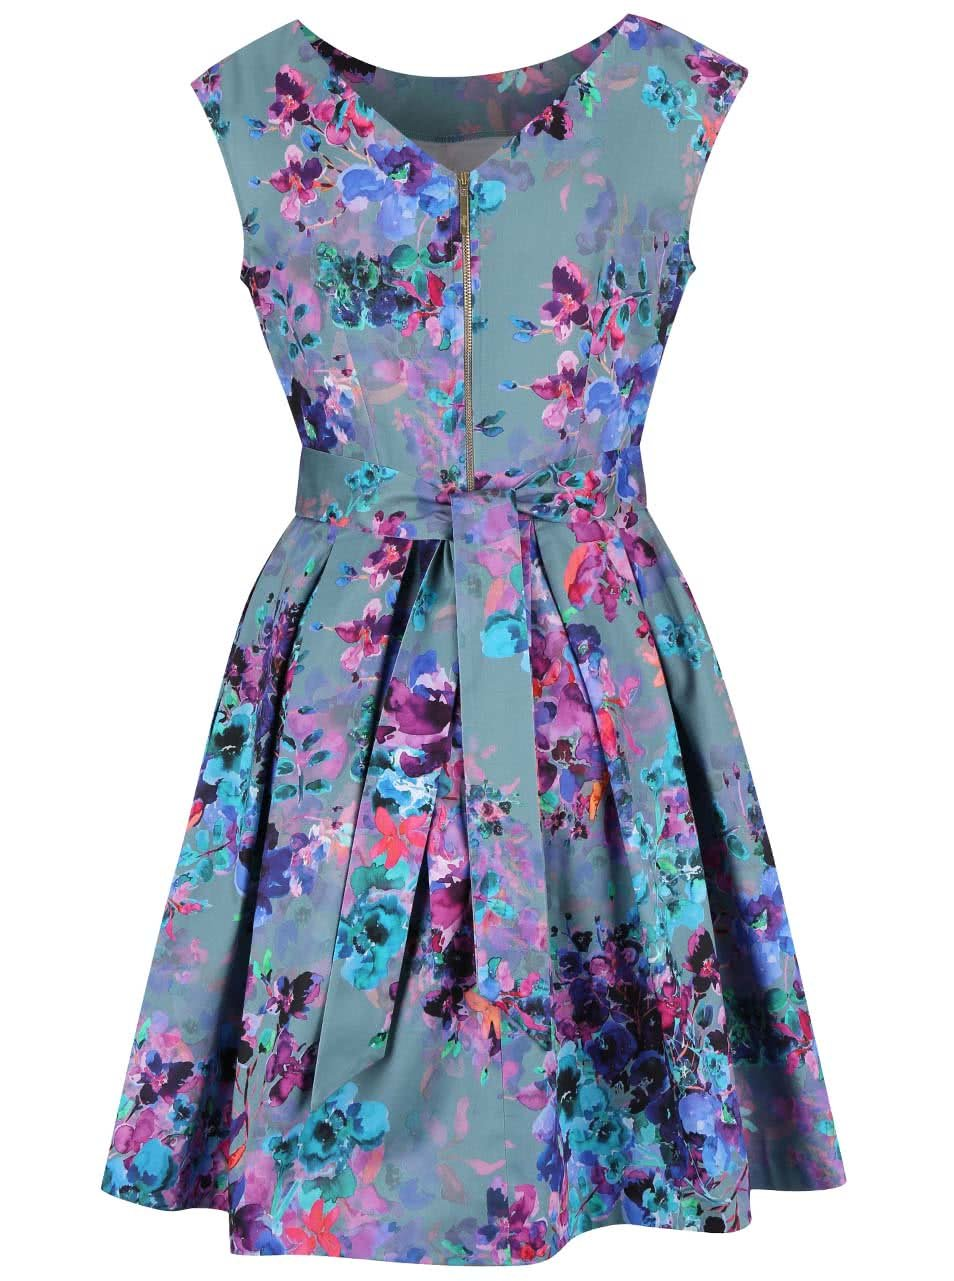 9445a37d9c1 Zelenomodré šaty s květinovým vzorem Closet ...